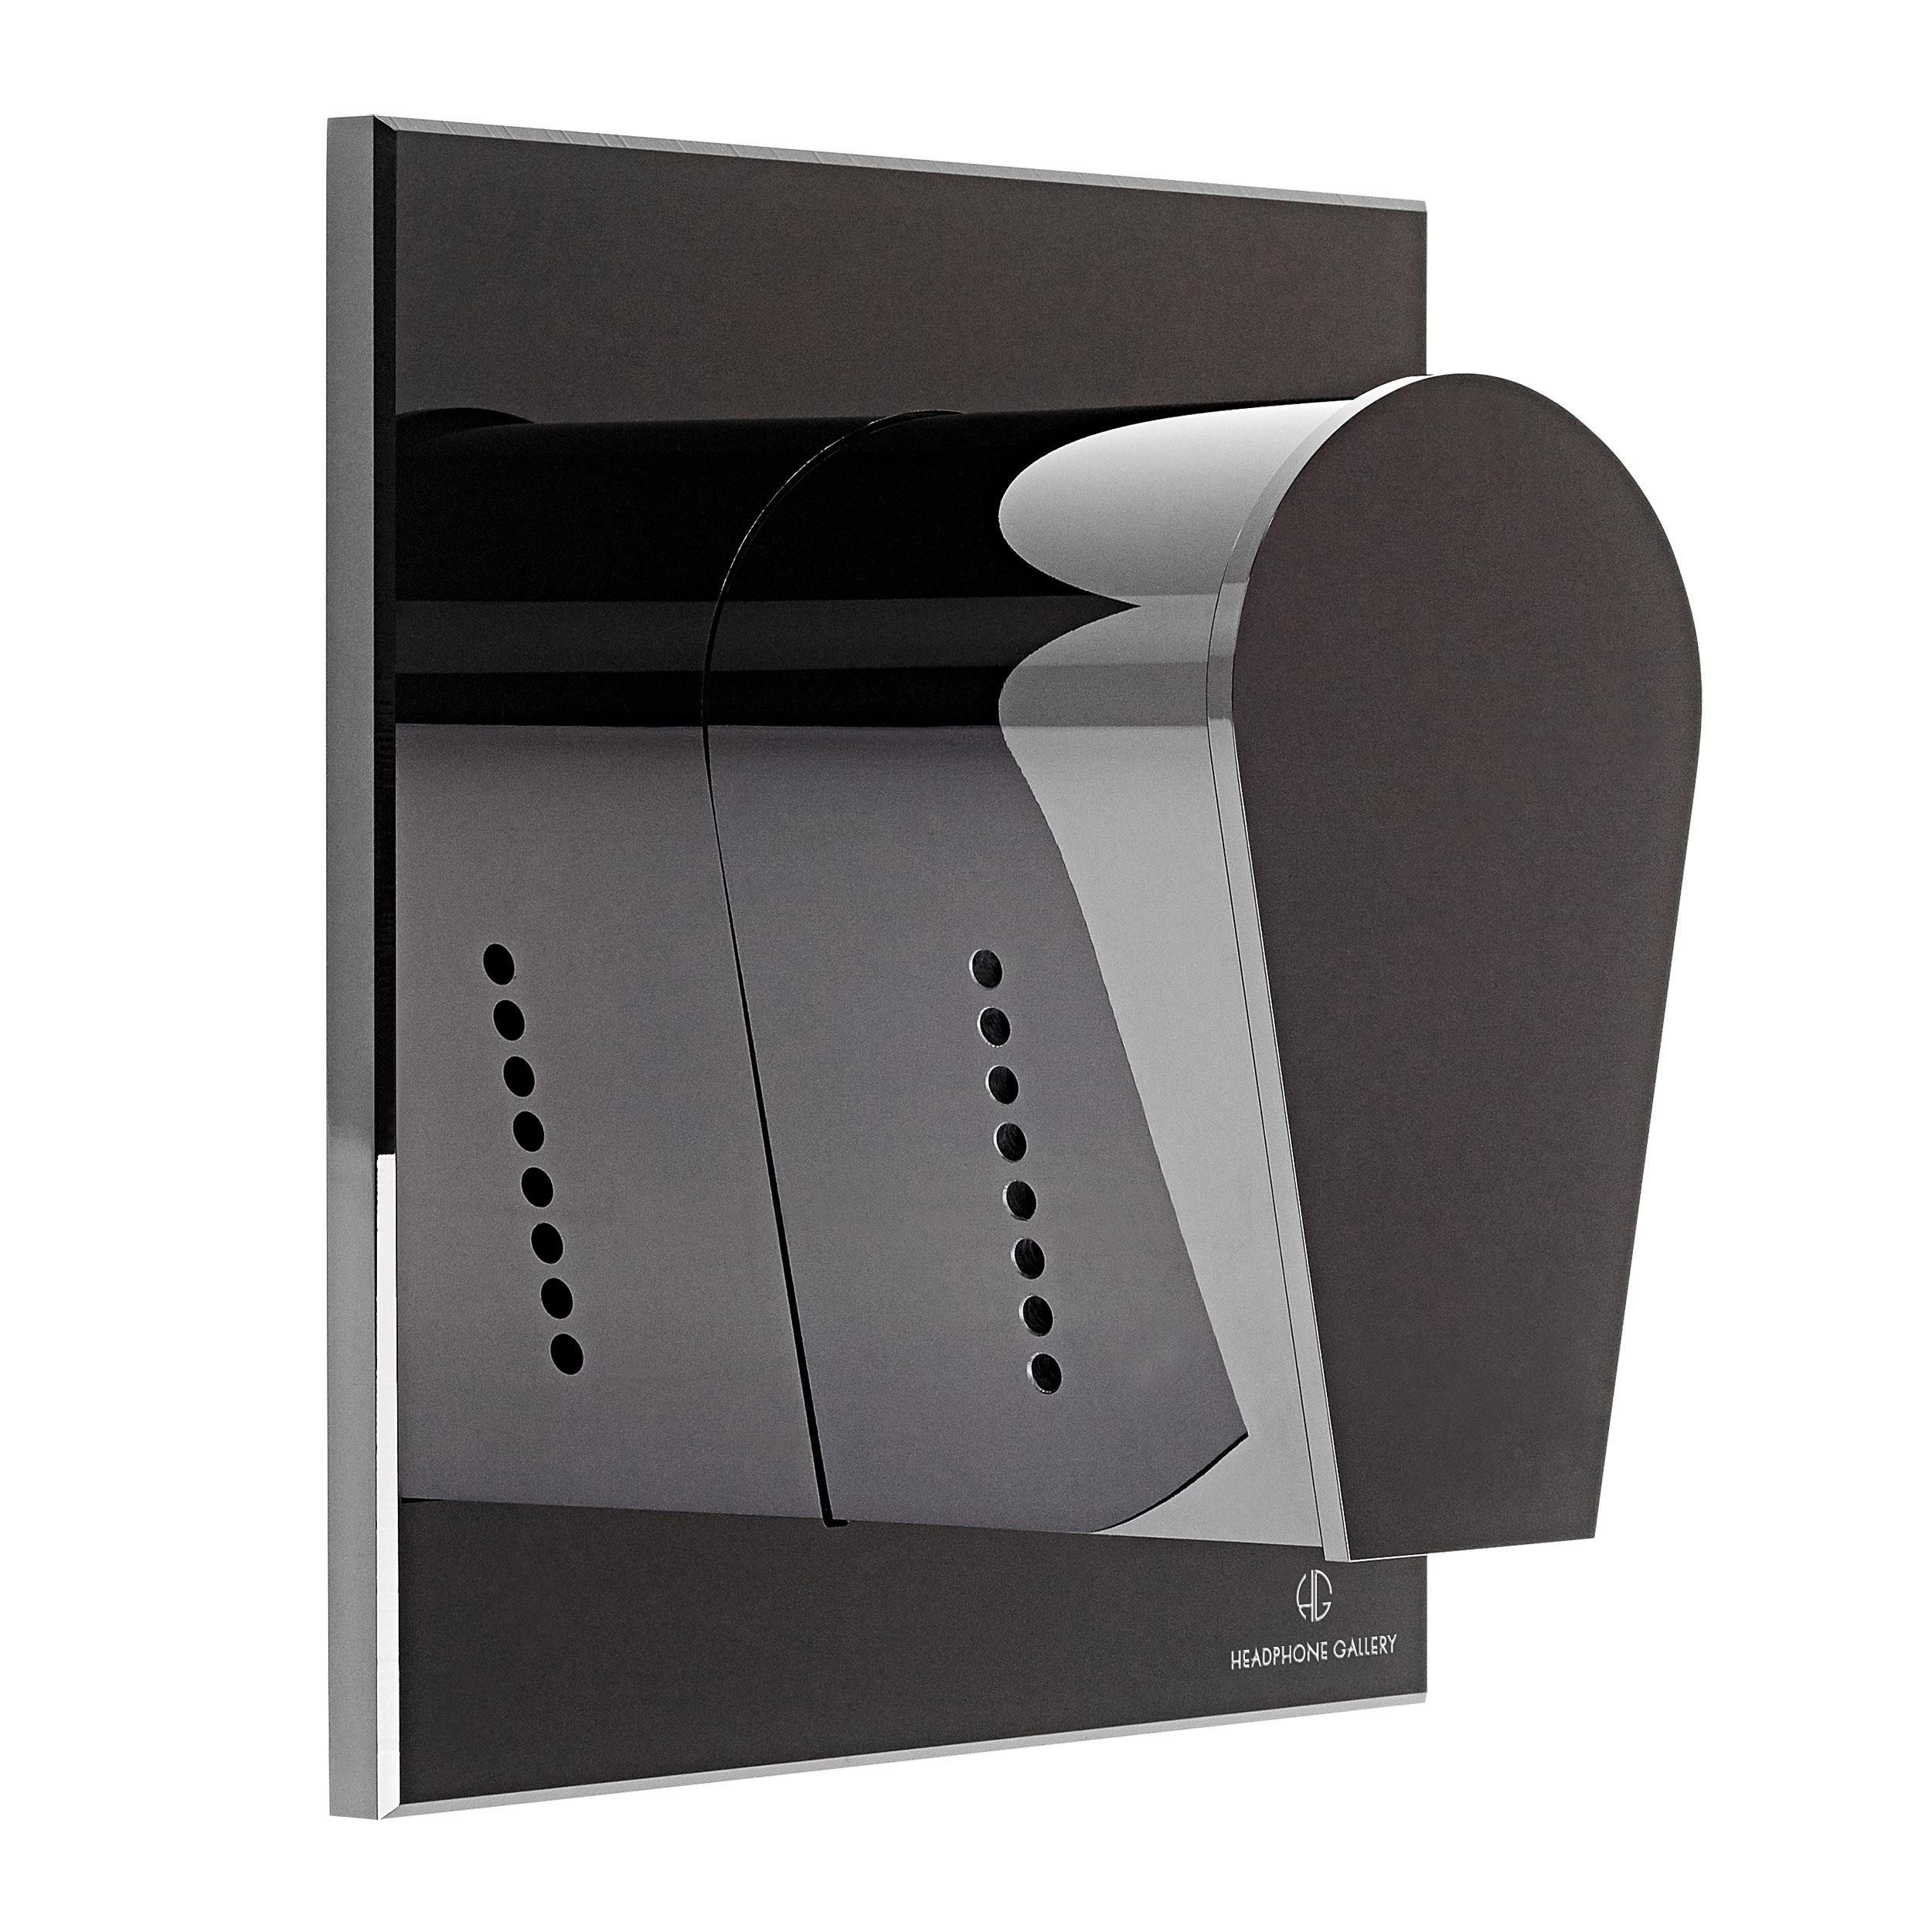 die produkthighlights der woche neue stative freizeit lautsprecher und eine auswahl an. Black Bedroom Furniture Sets. Home Design Ideas